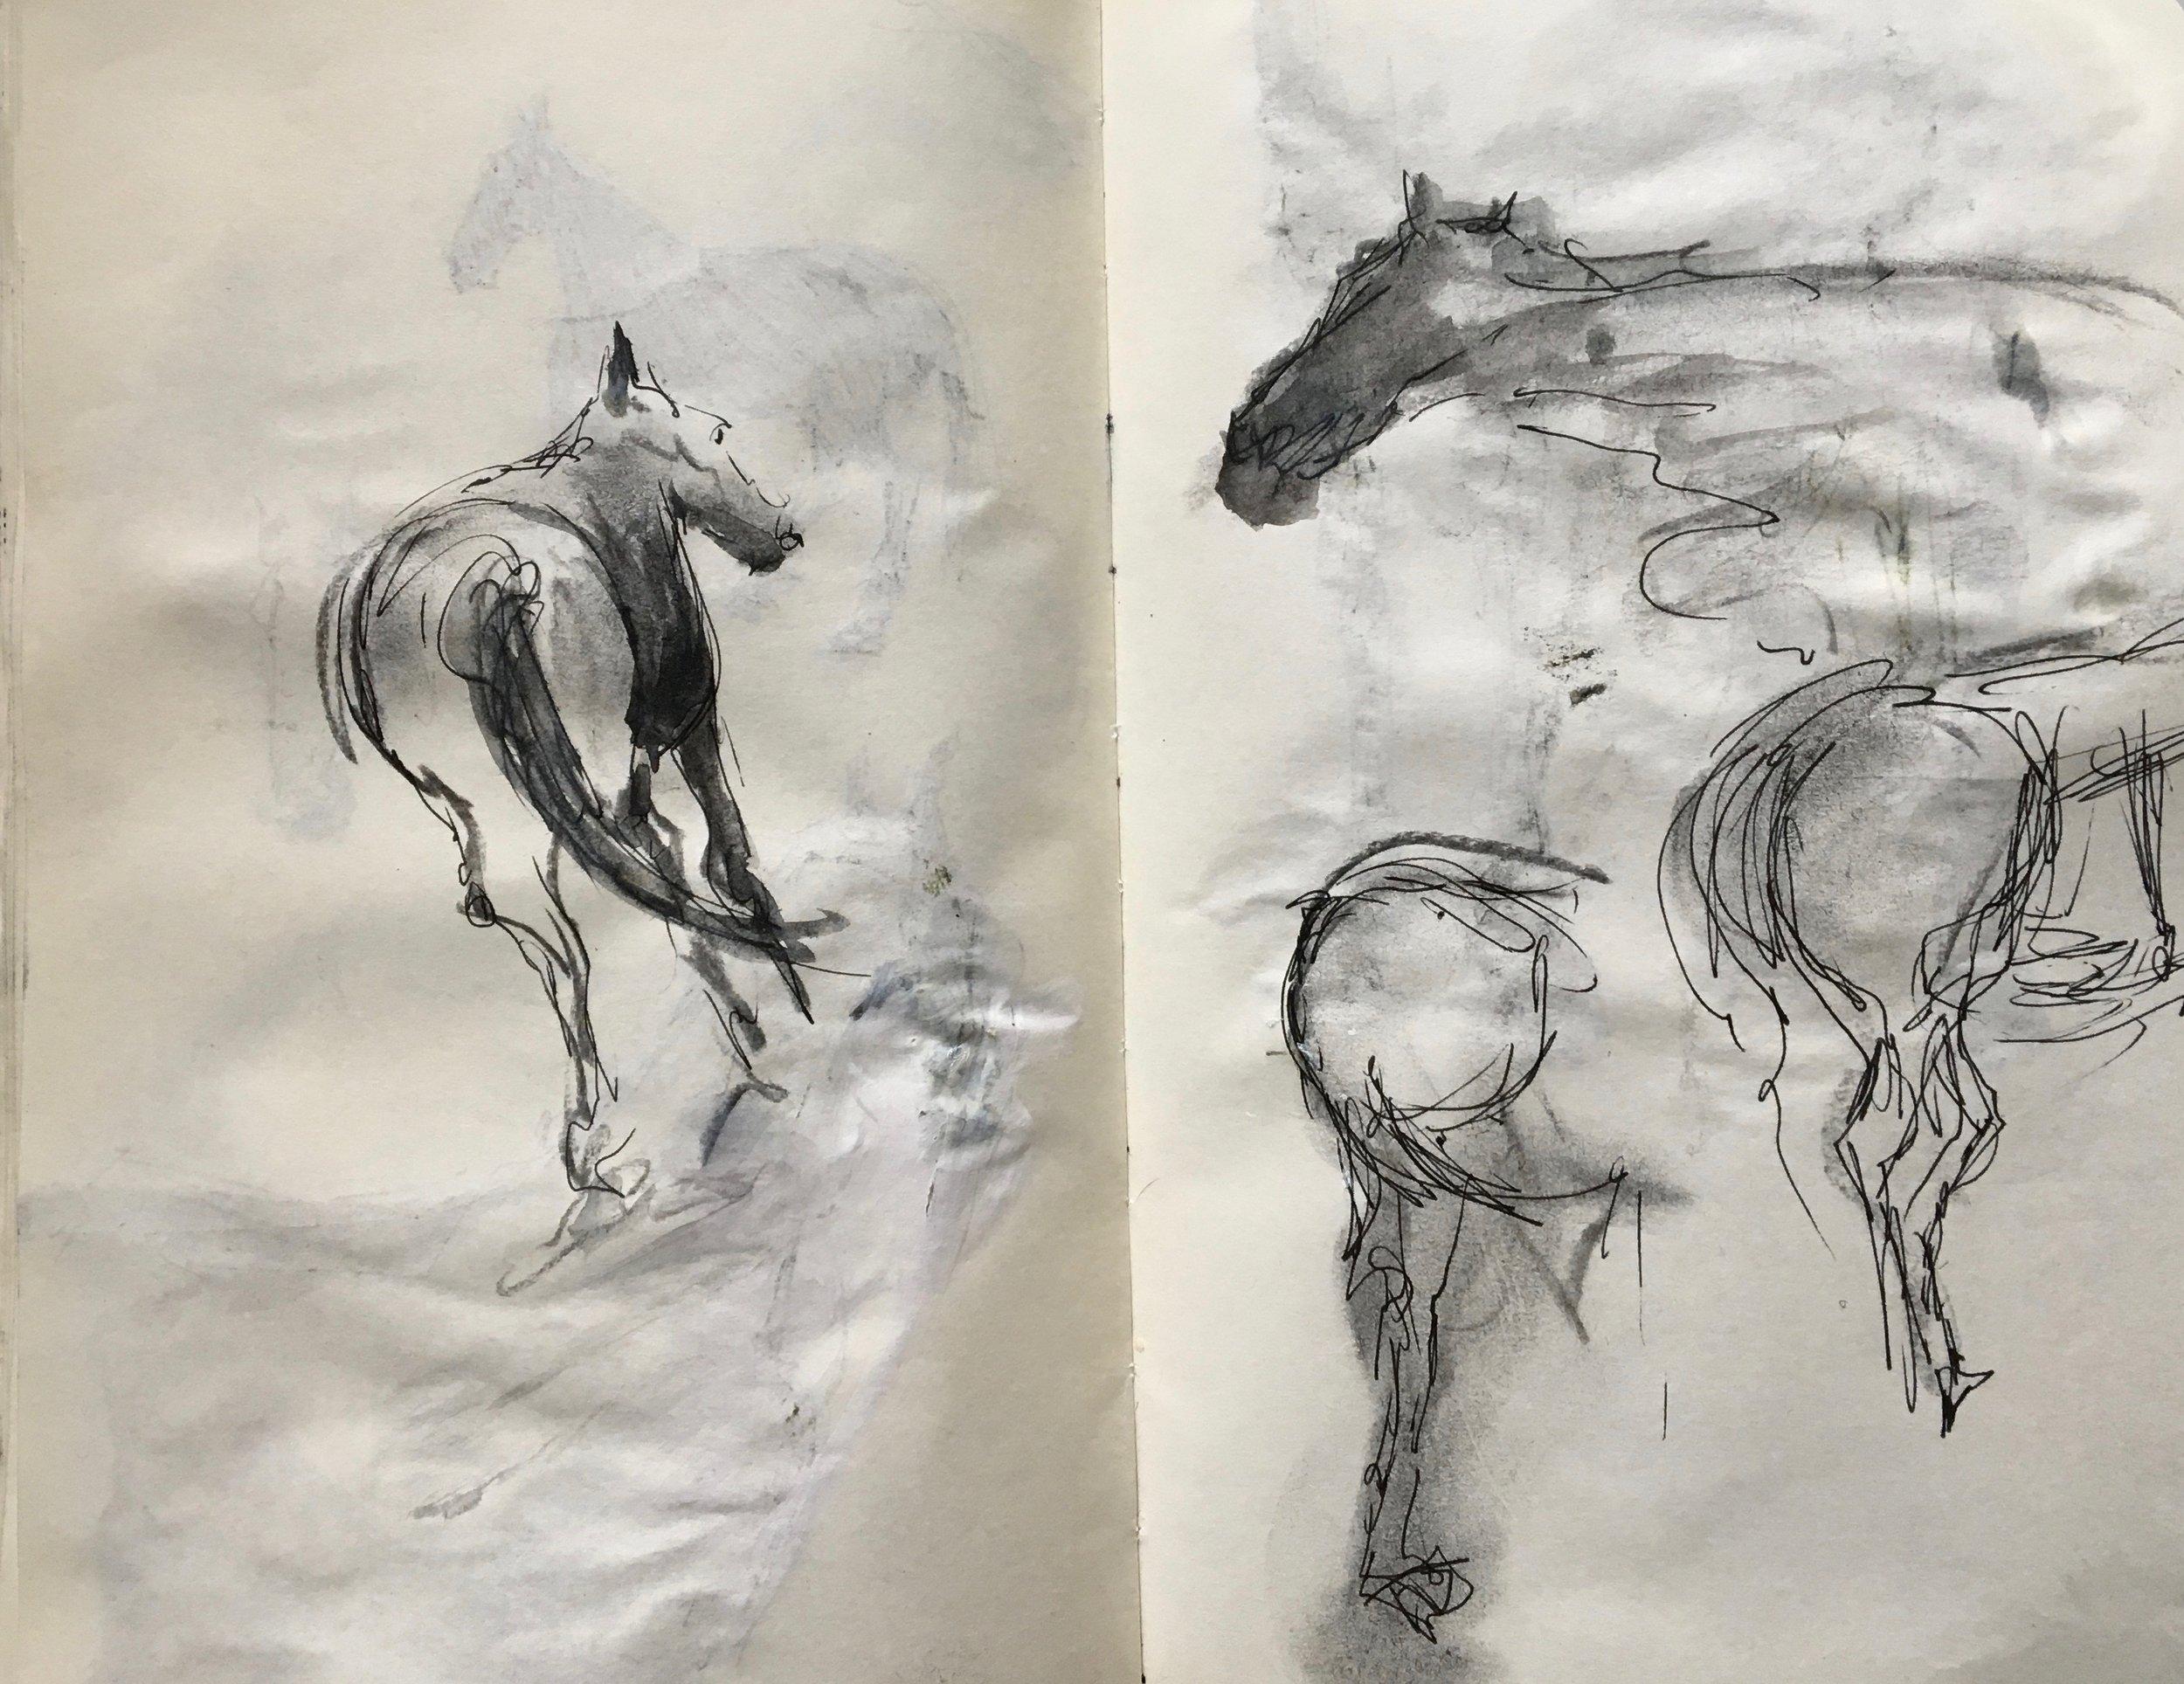 Sketching more...